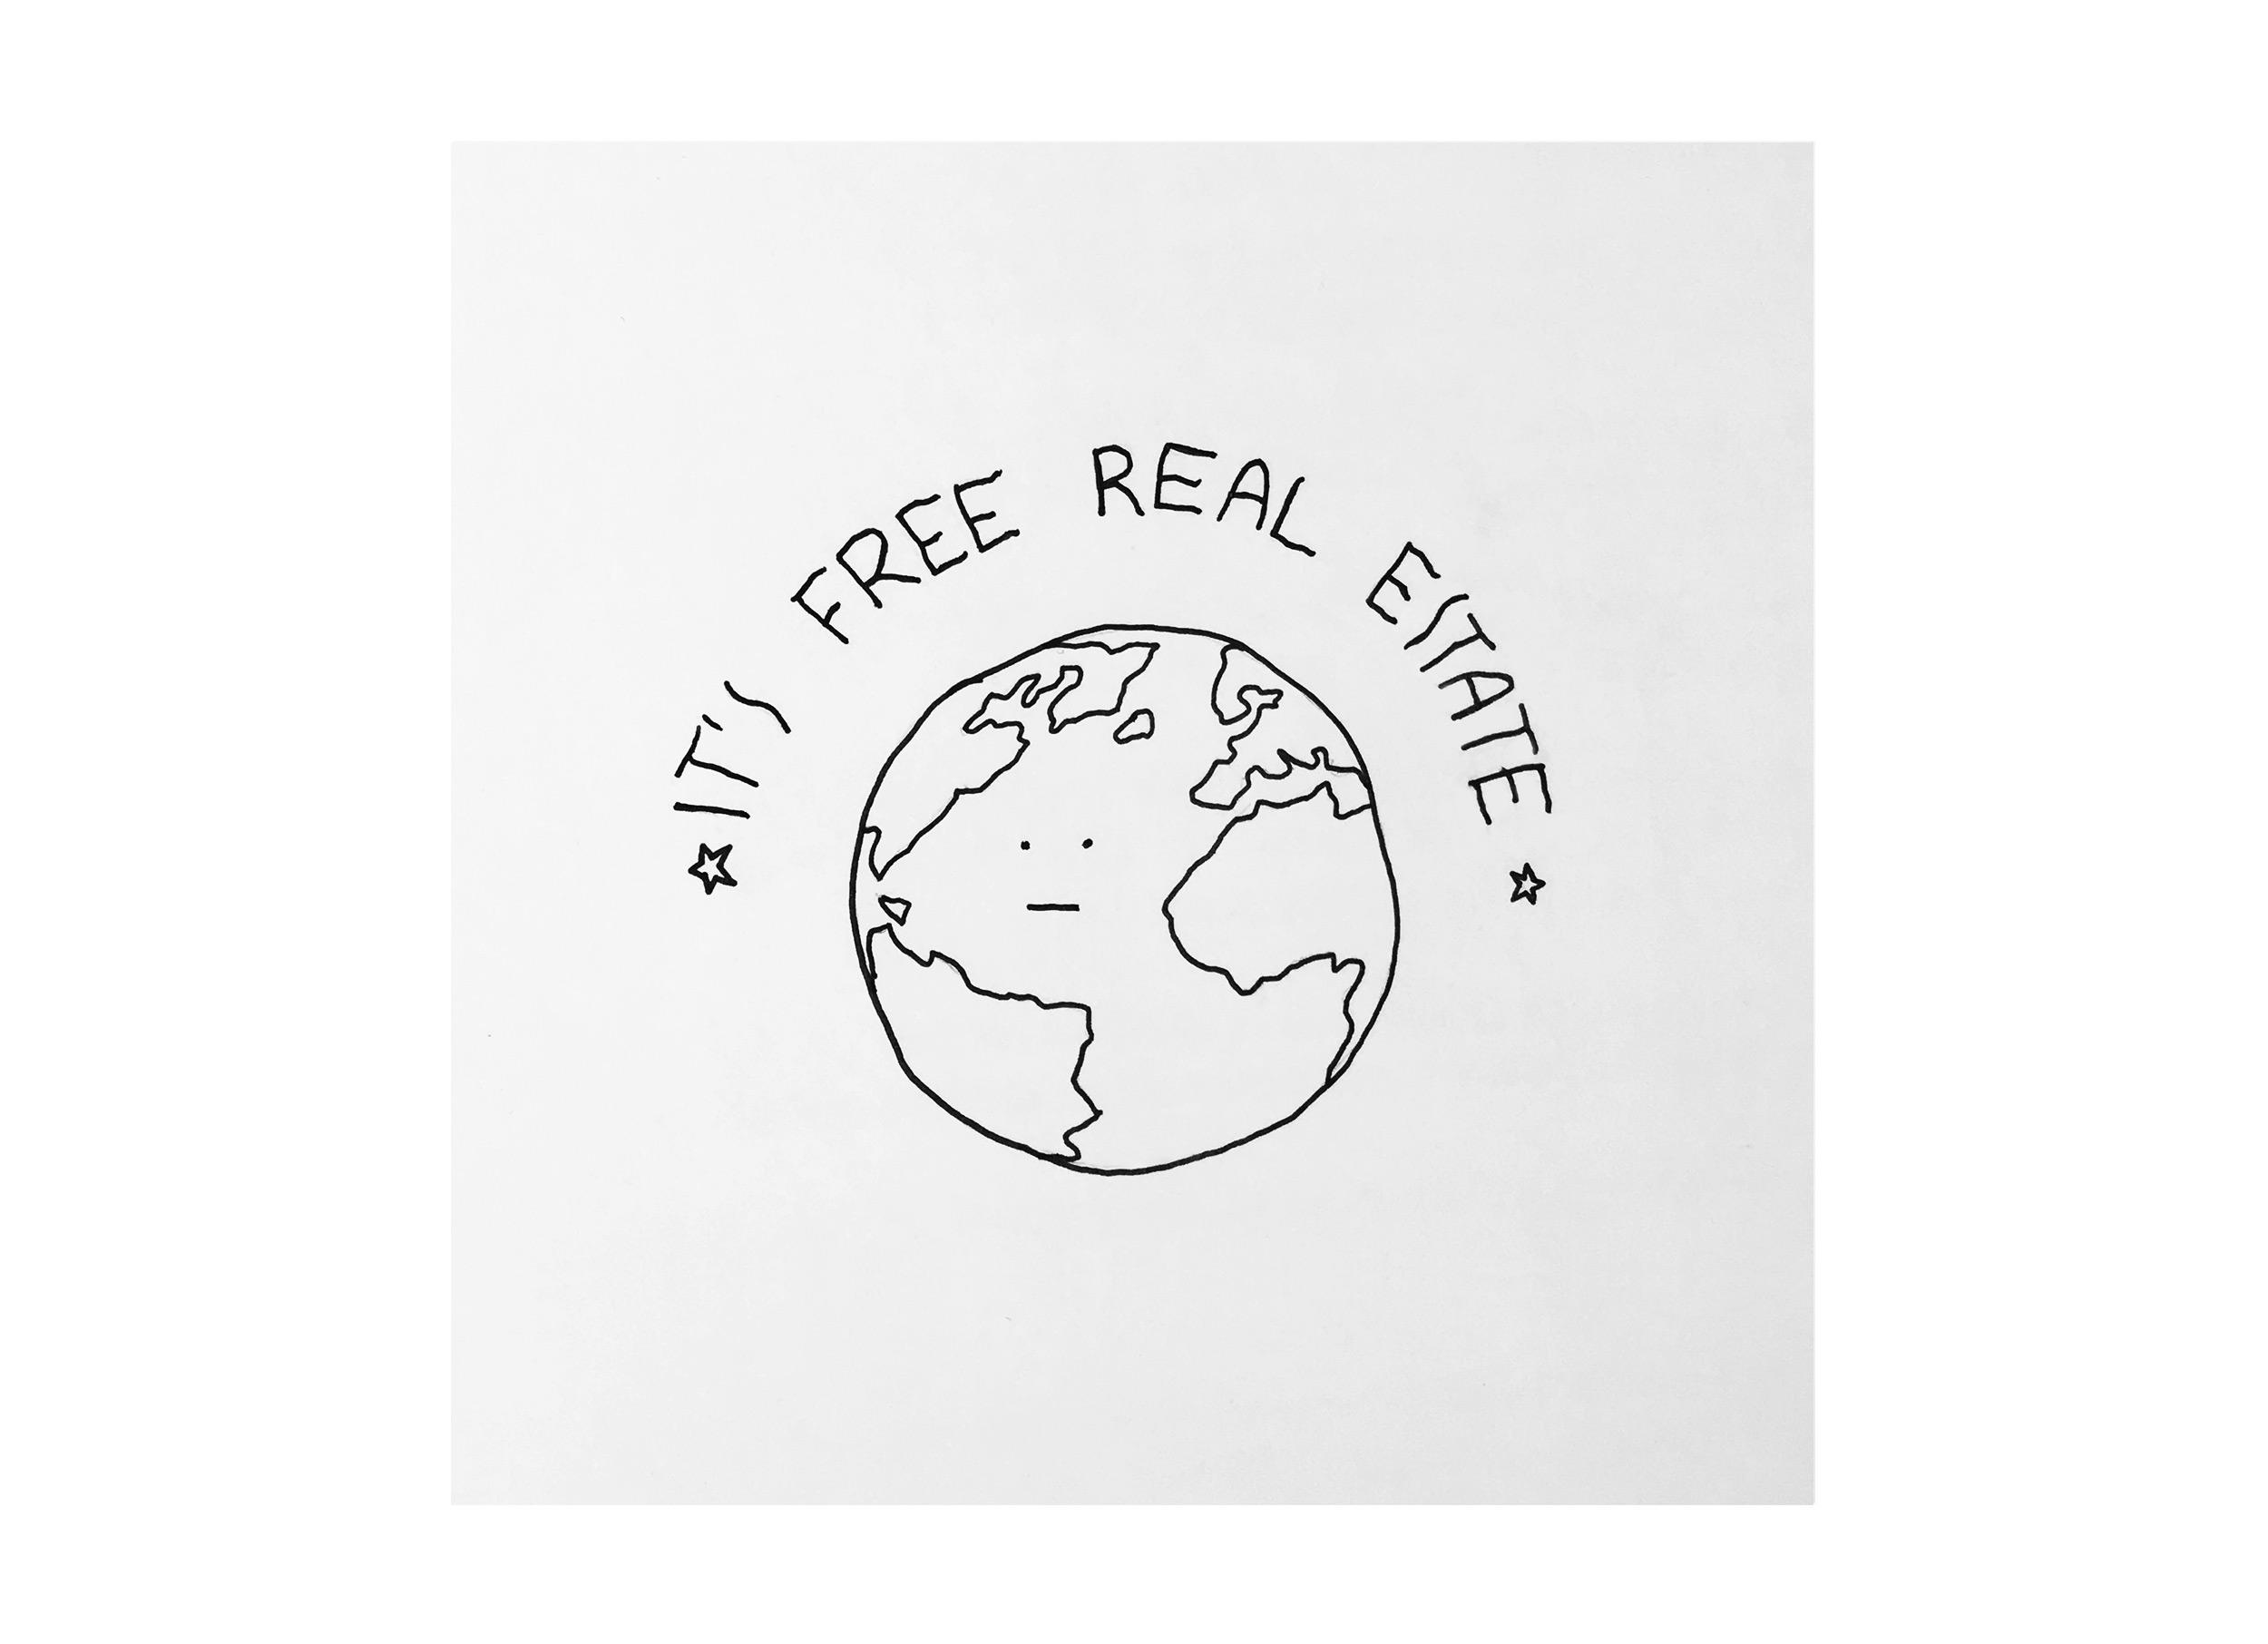 freerealestate.jpg